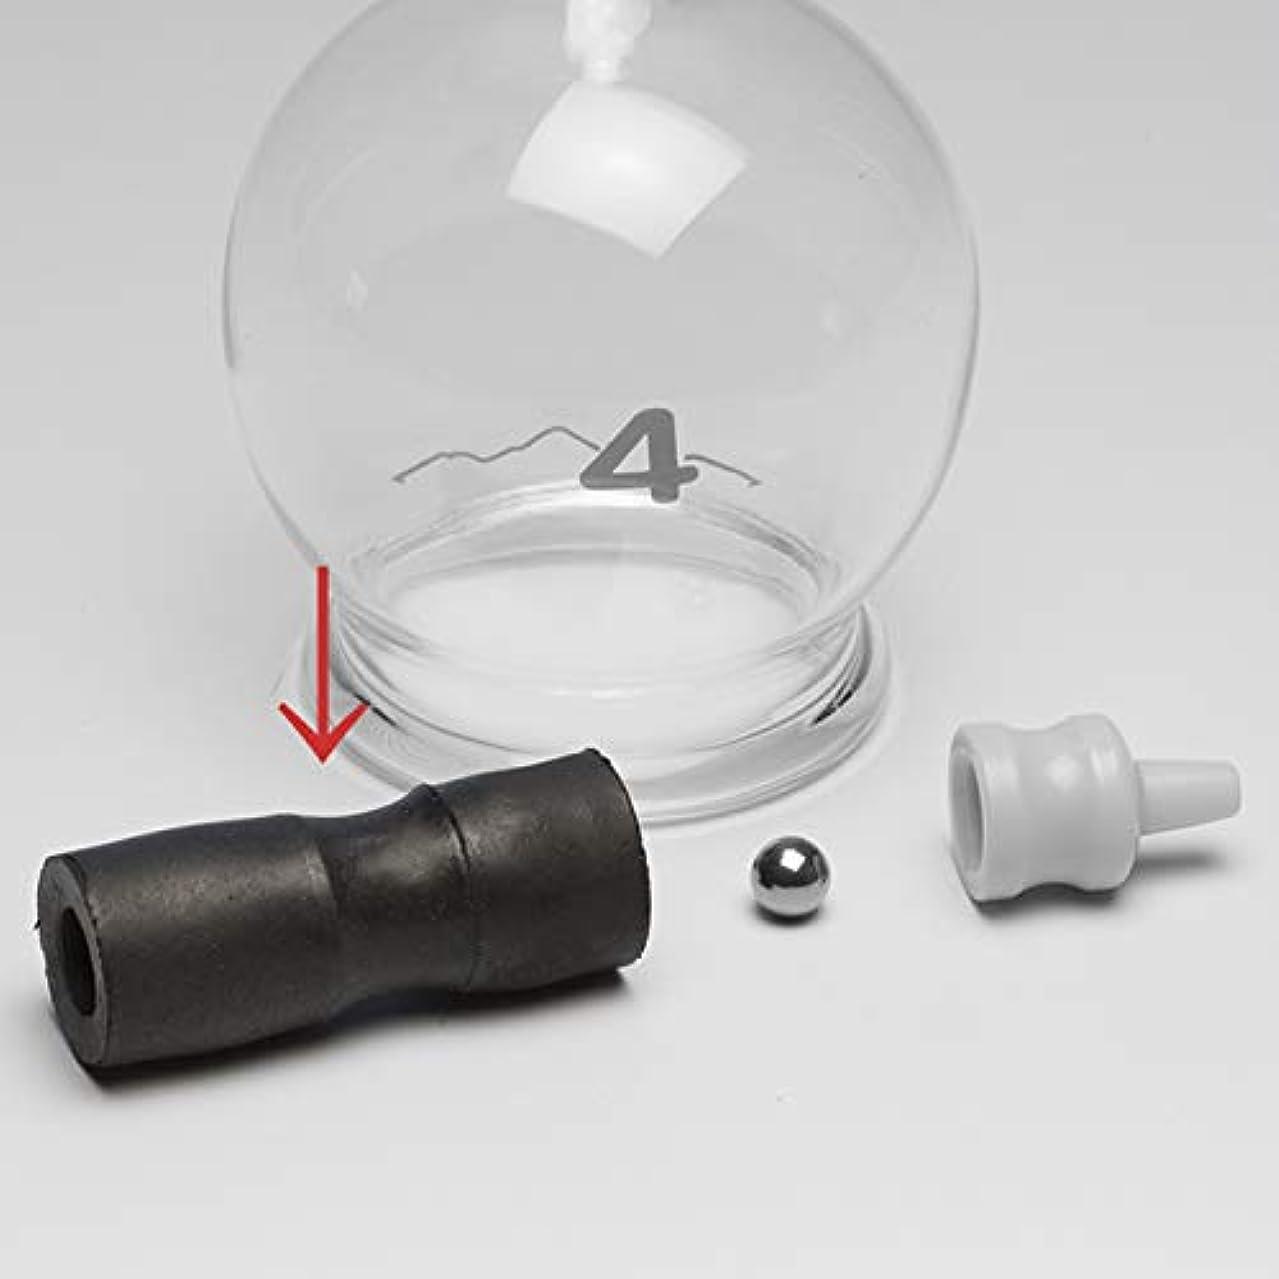 ジョージエリオット満州アンテナ霧島ガラス玉(電動吸い玉機器用吸着具)用黒ゴム弁(ゴムのみ)|吸灸